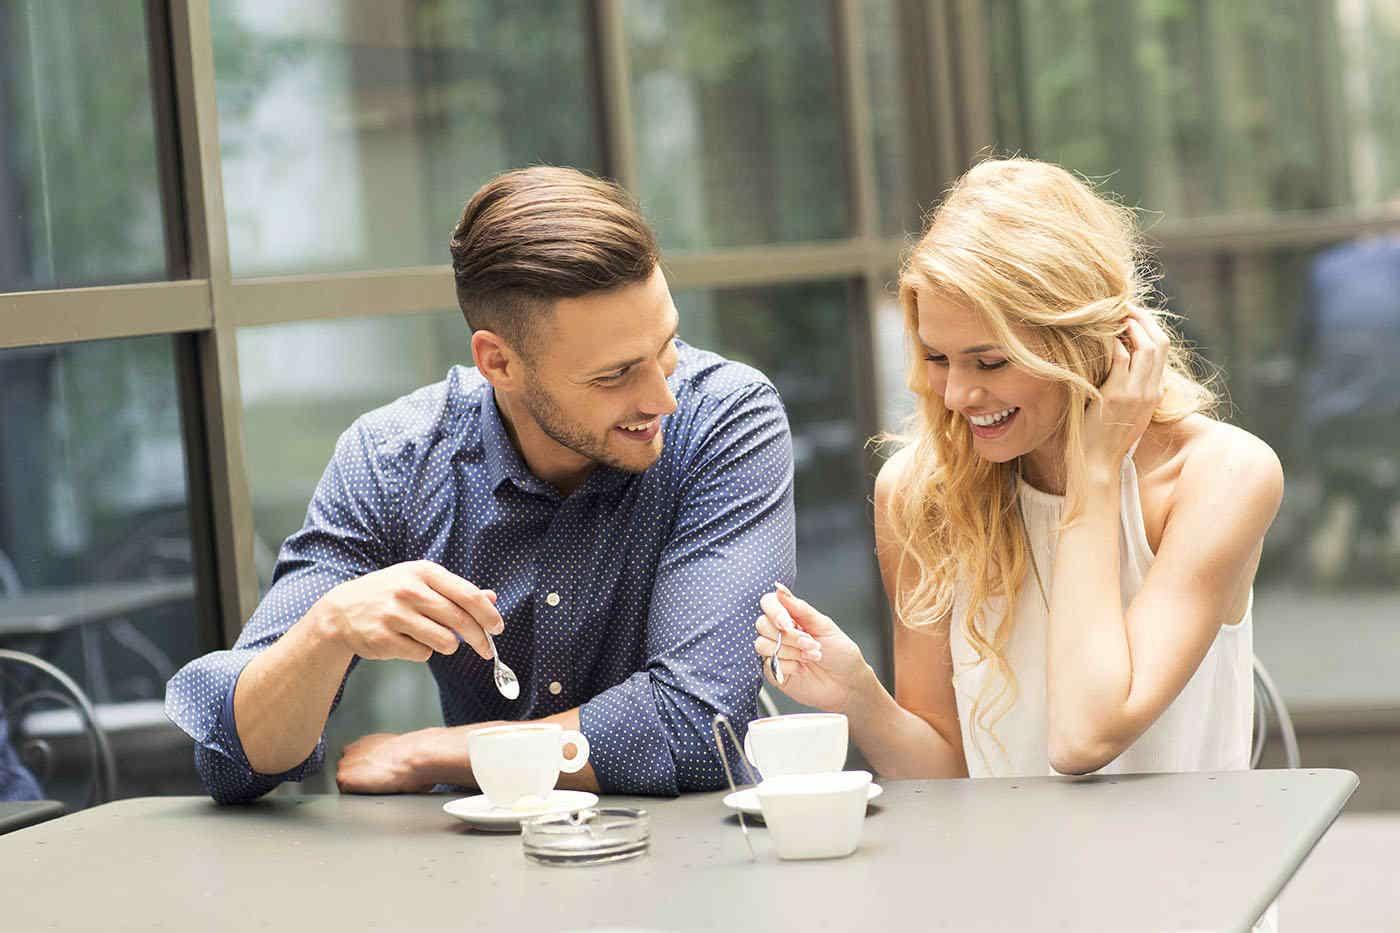 Compatibilitatea în relații: cum poți găsi persoana potrivită?